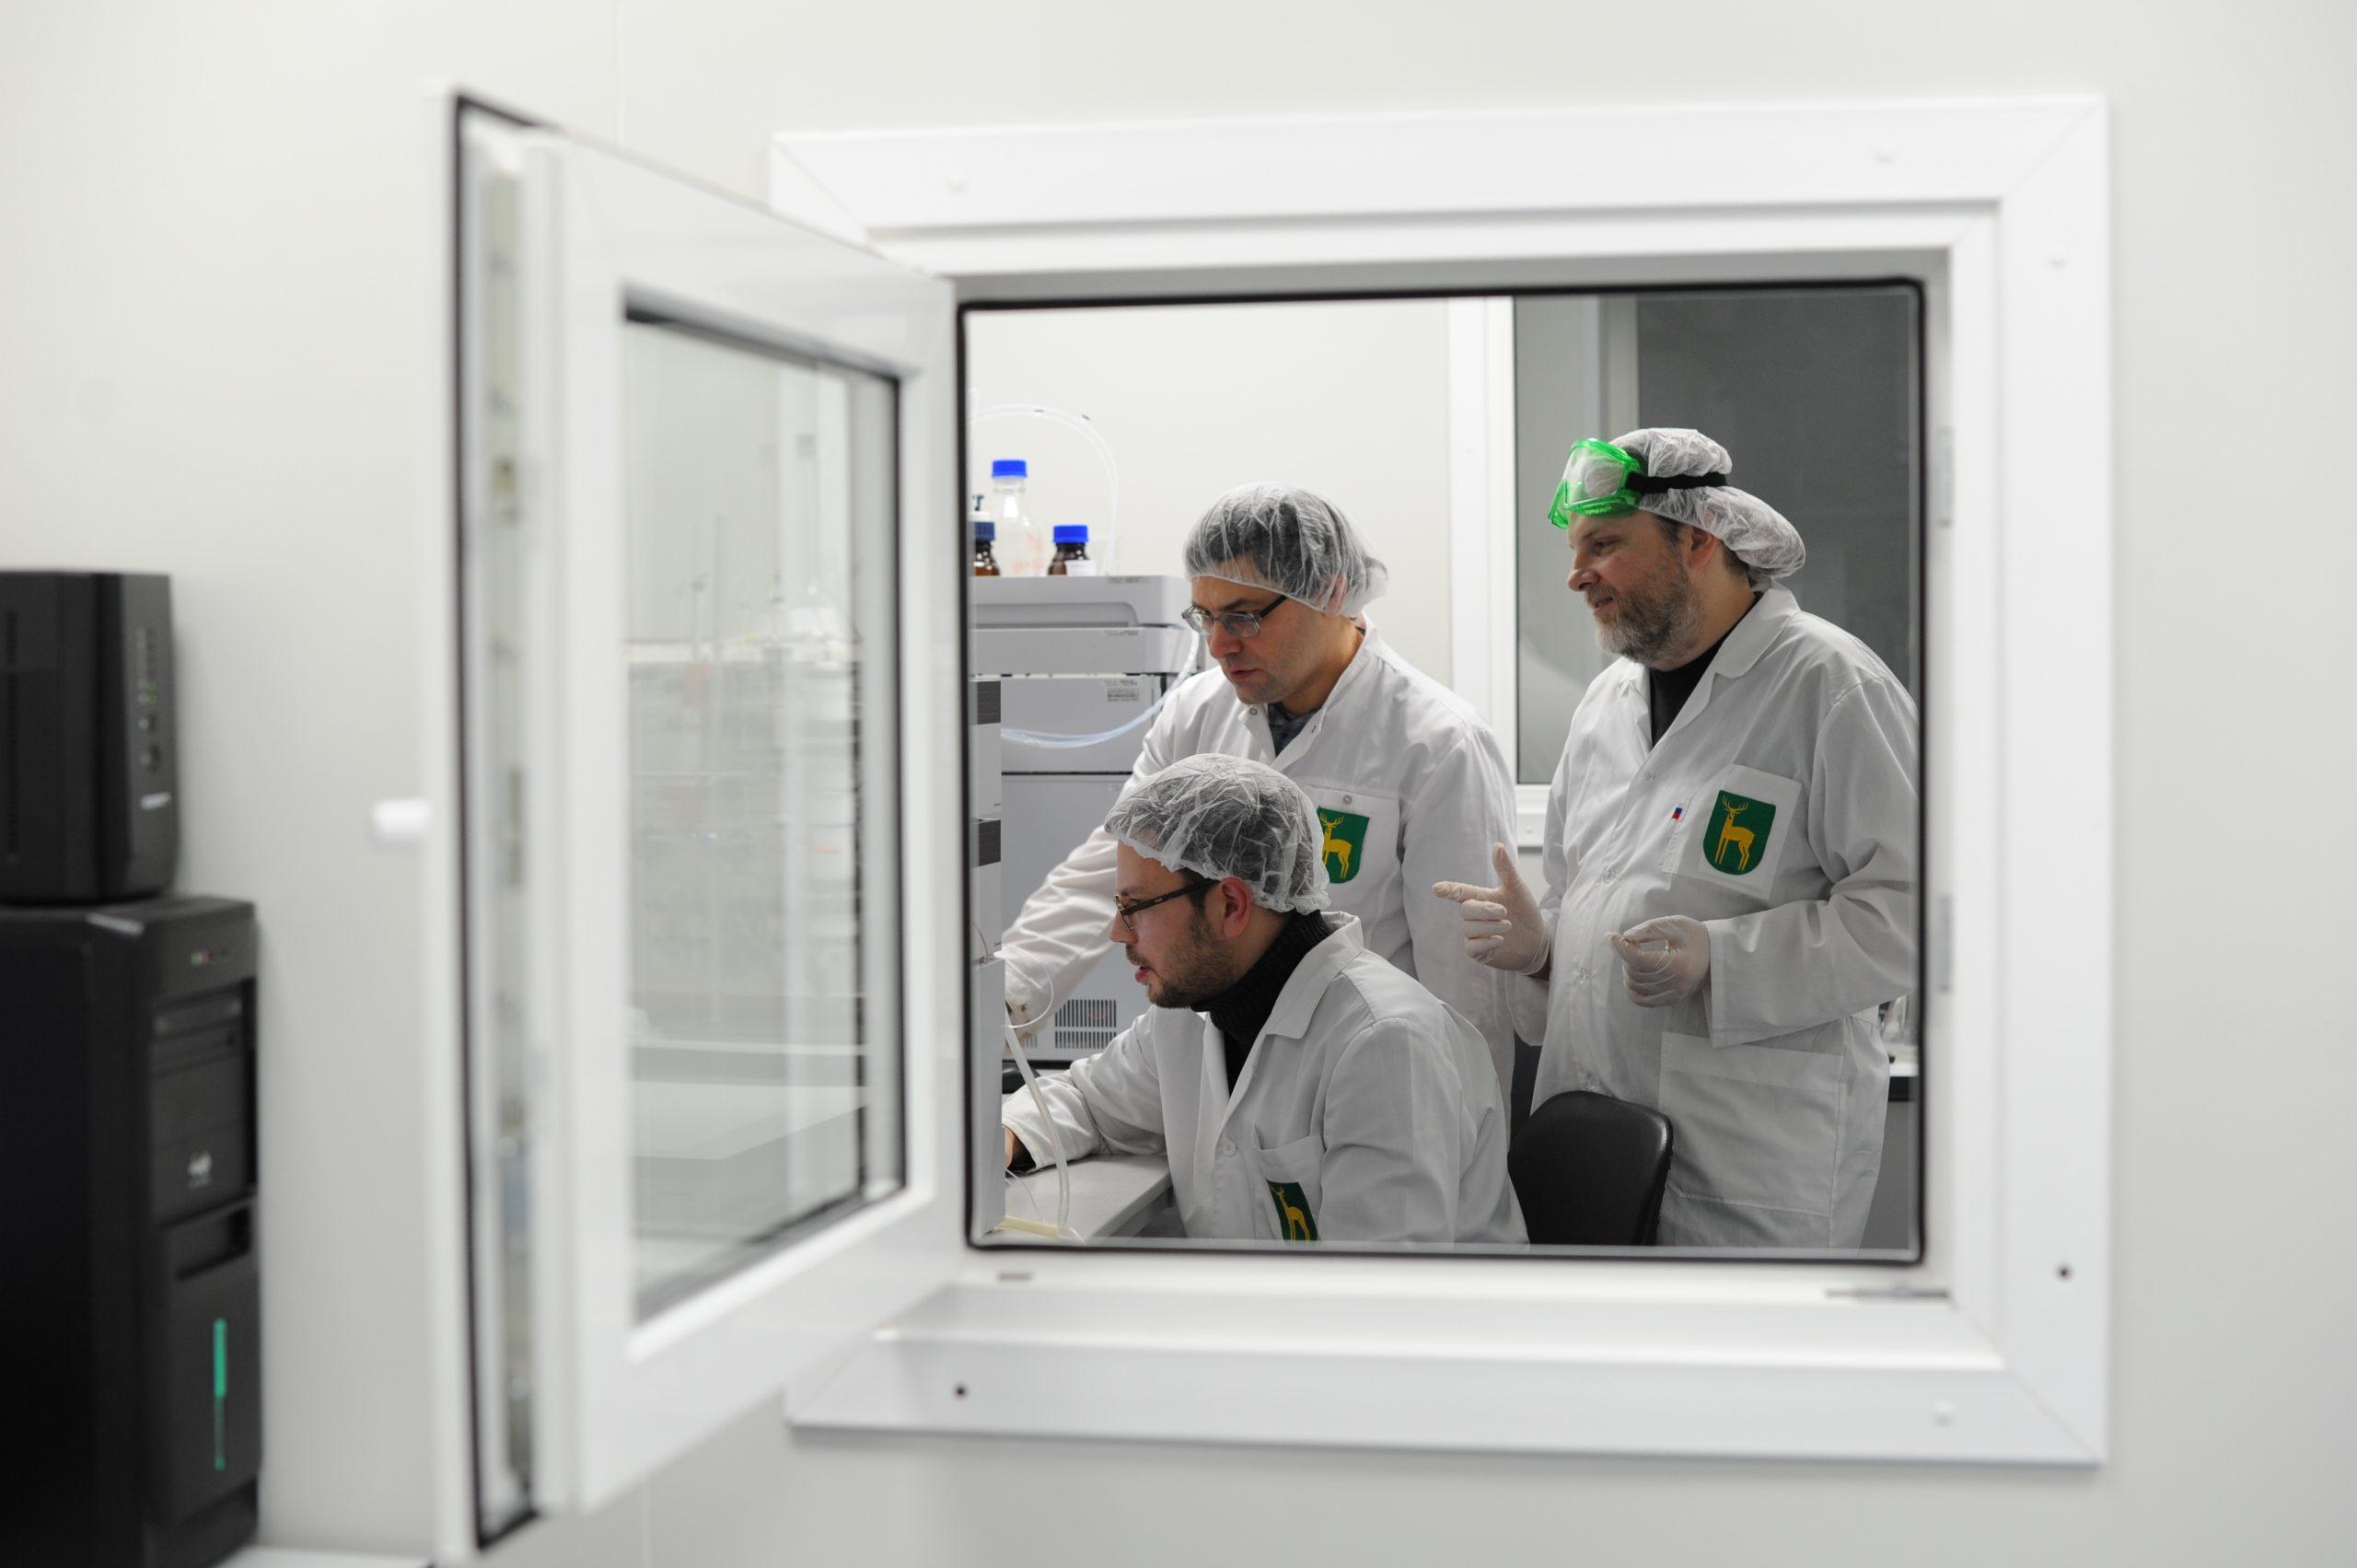 За последние сутки 24 часа в России зарегистрировали 19 509 случаев инфекции COVID-19